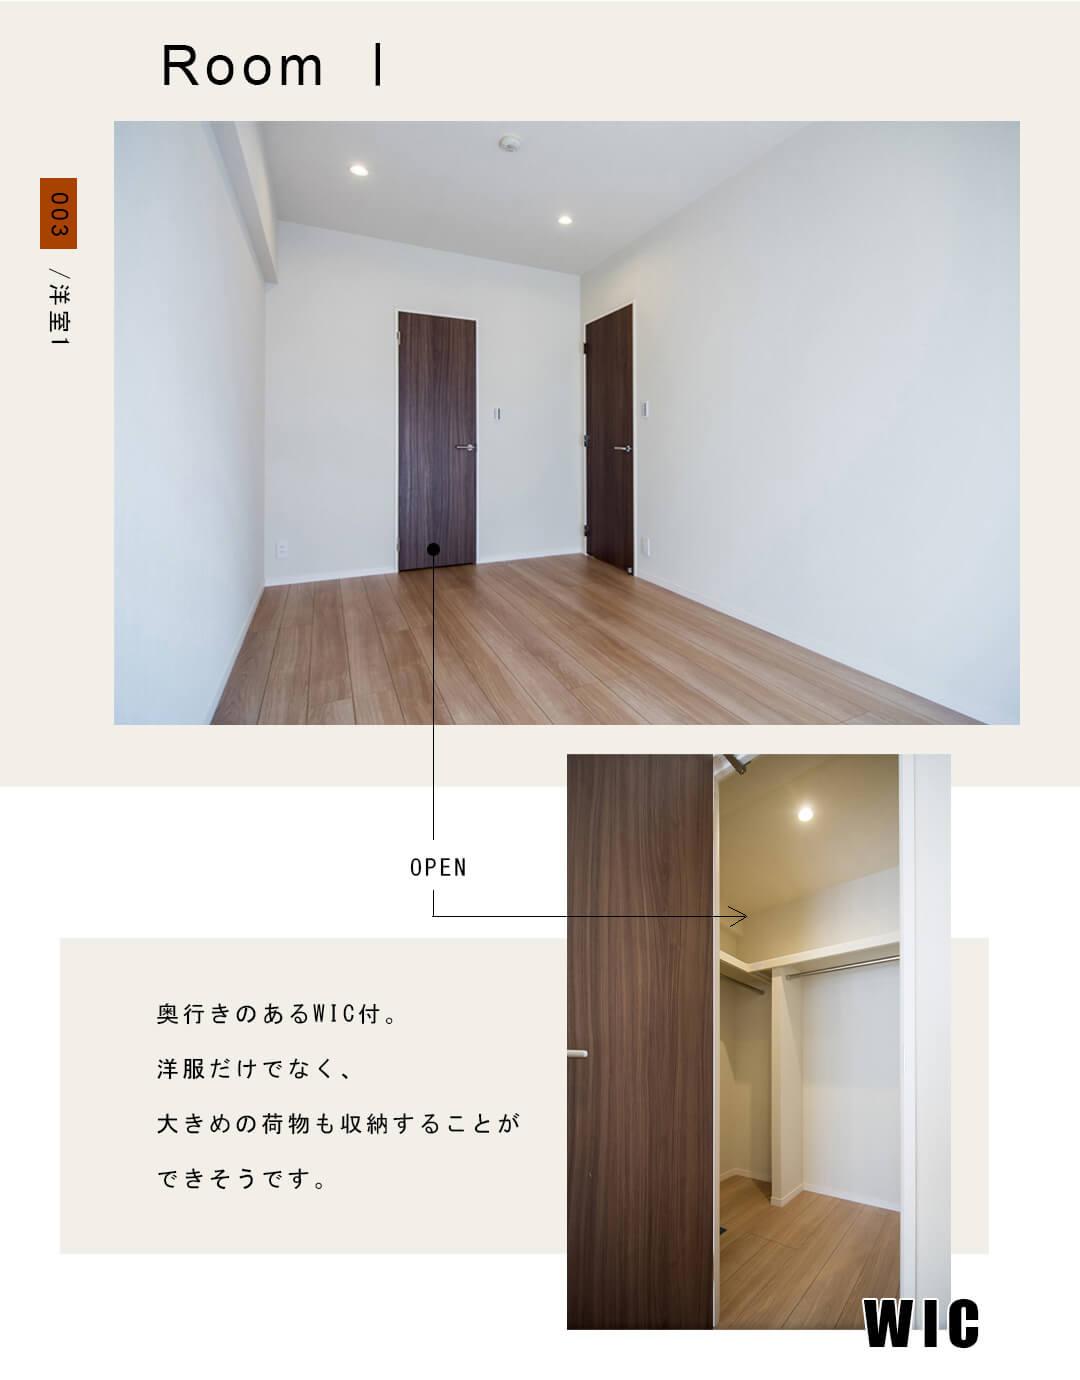 003洋室1,Room Ⅰ